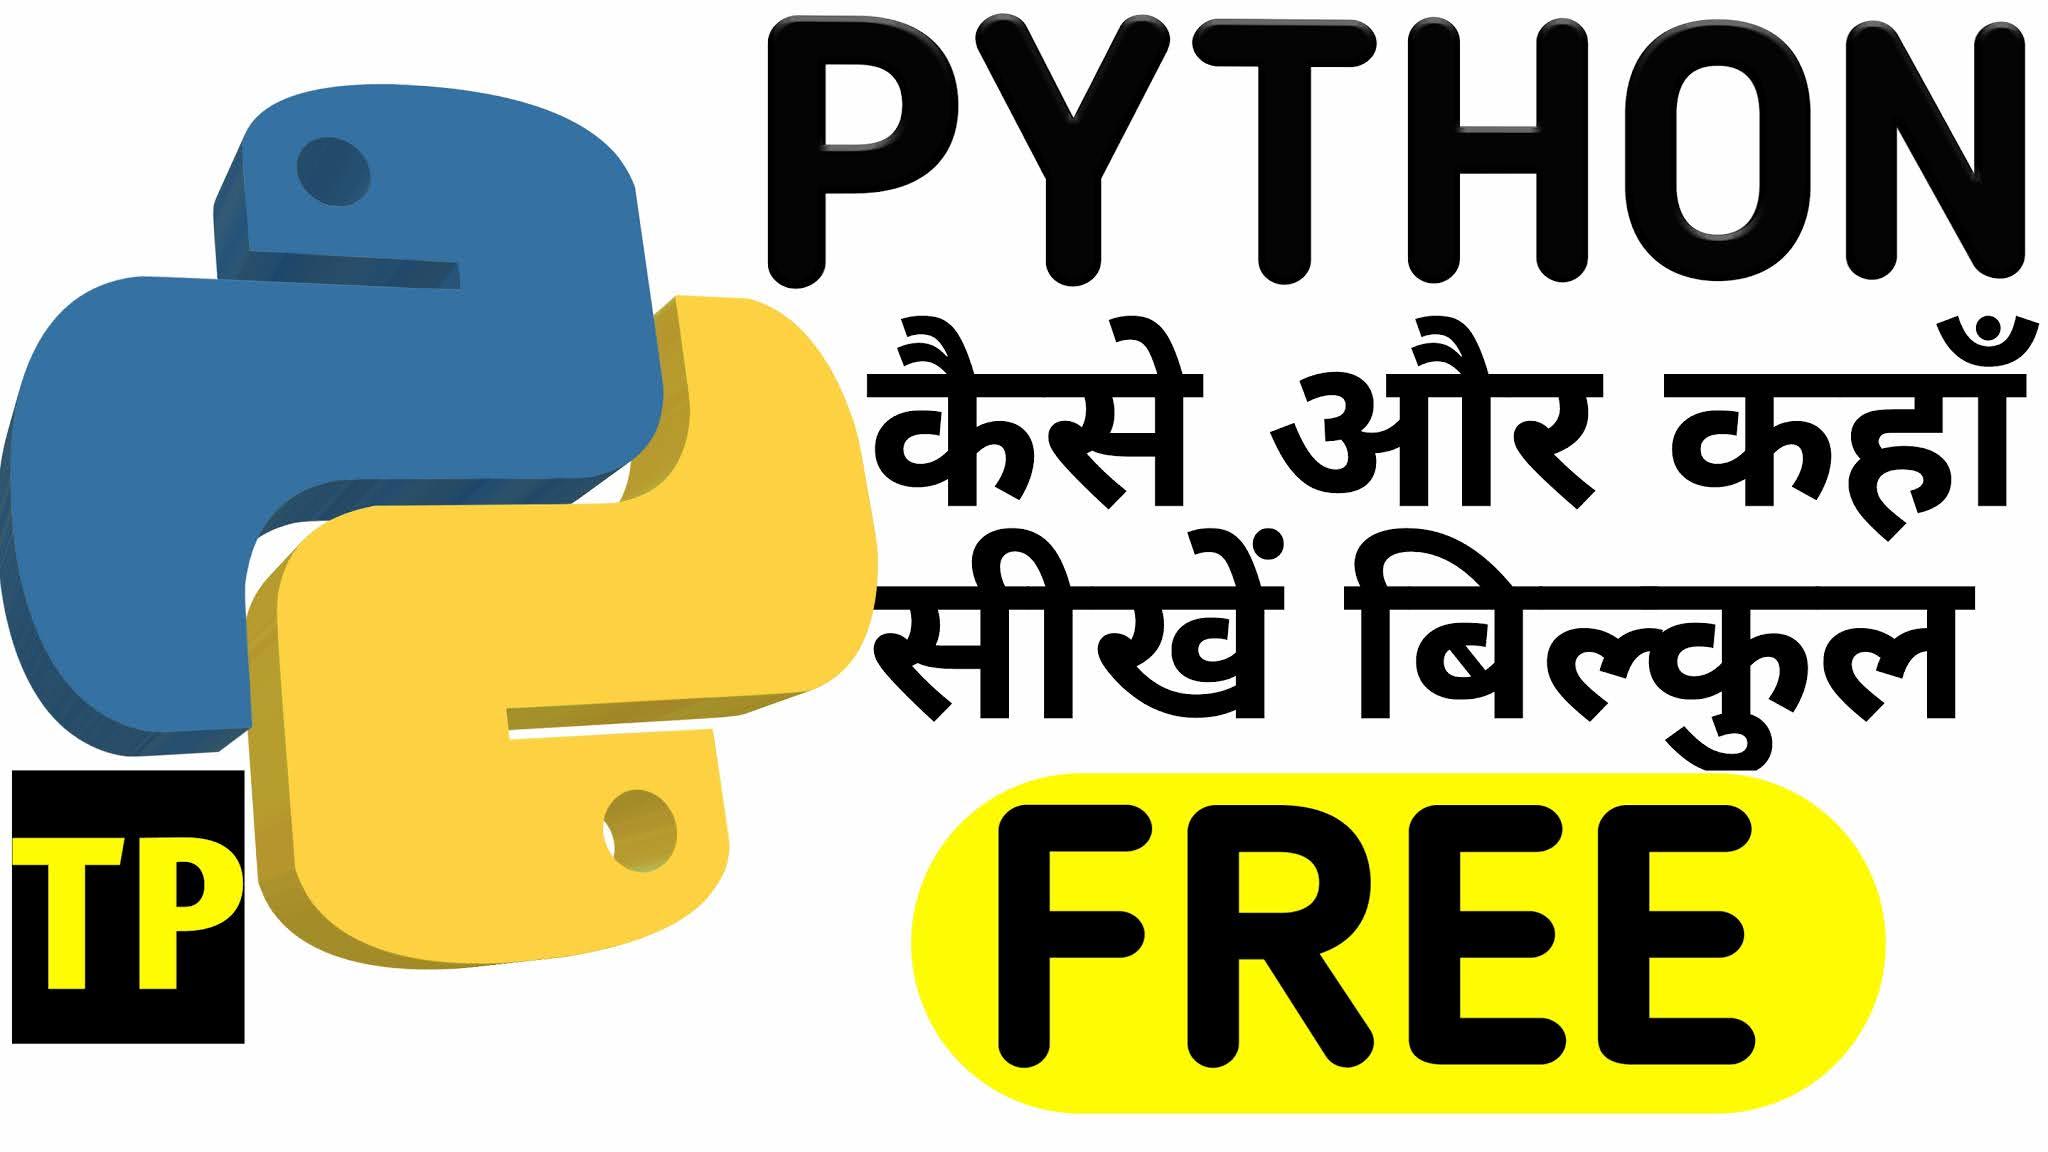 Python प्रोग्रामिंग भाषा कहाँ और कैसे सीखें फ्री में? Learn Python in Hindi